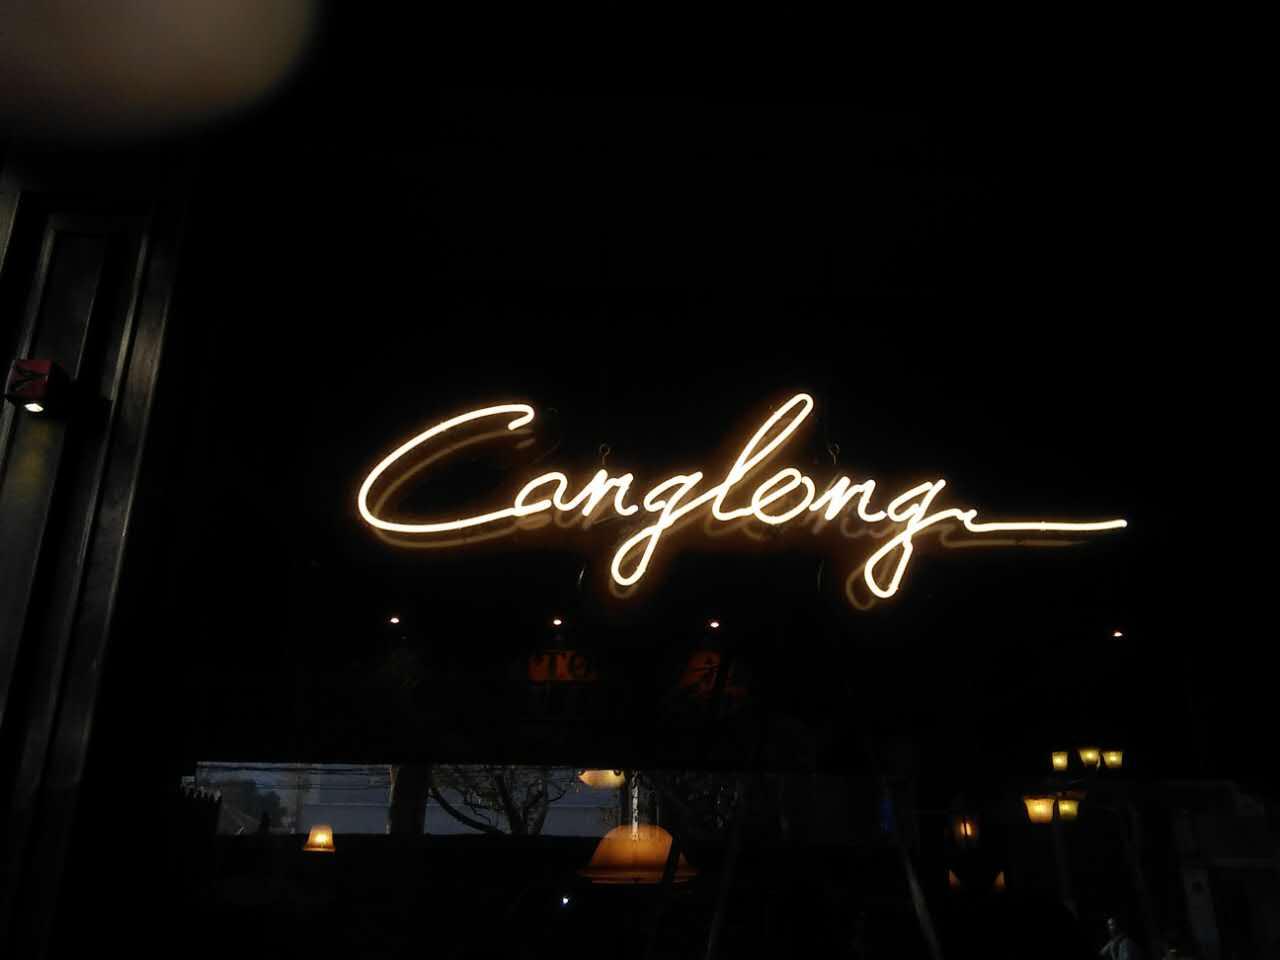 2700k霓虹灯「上海耀海霓虹灯供应」